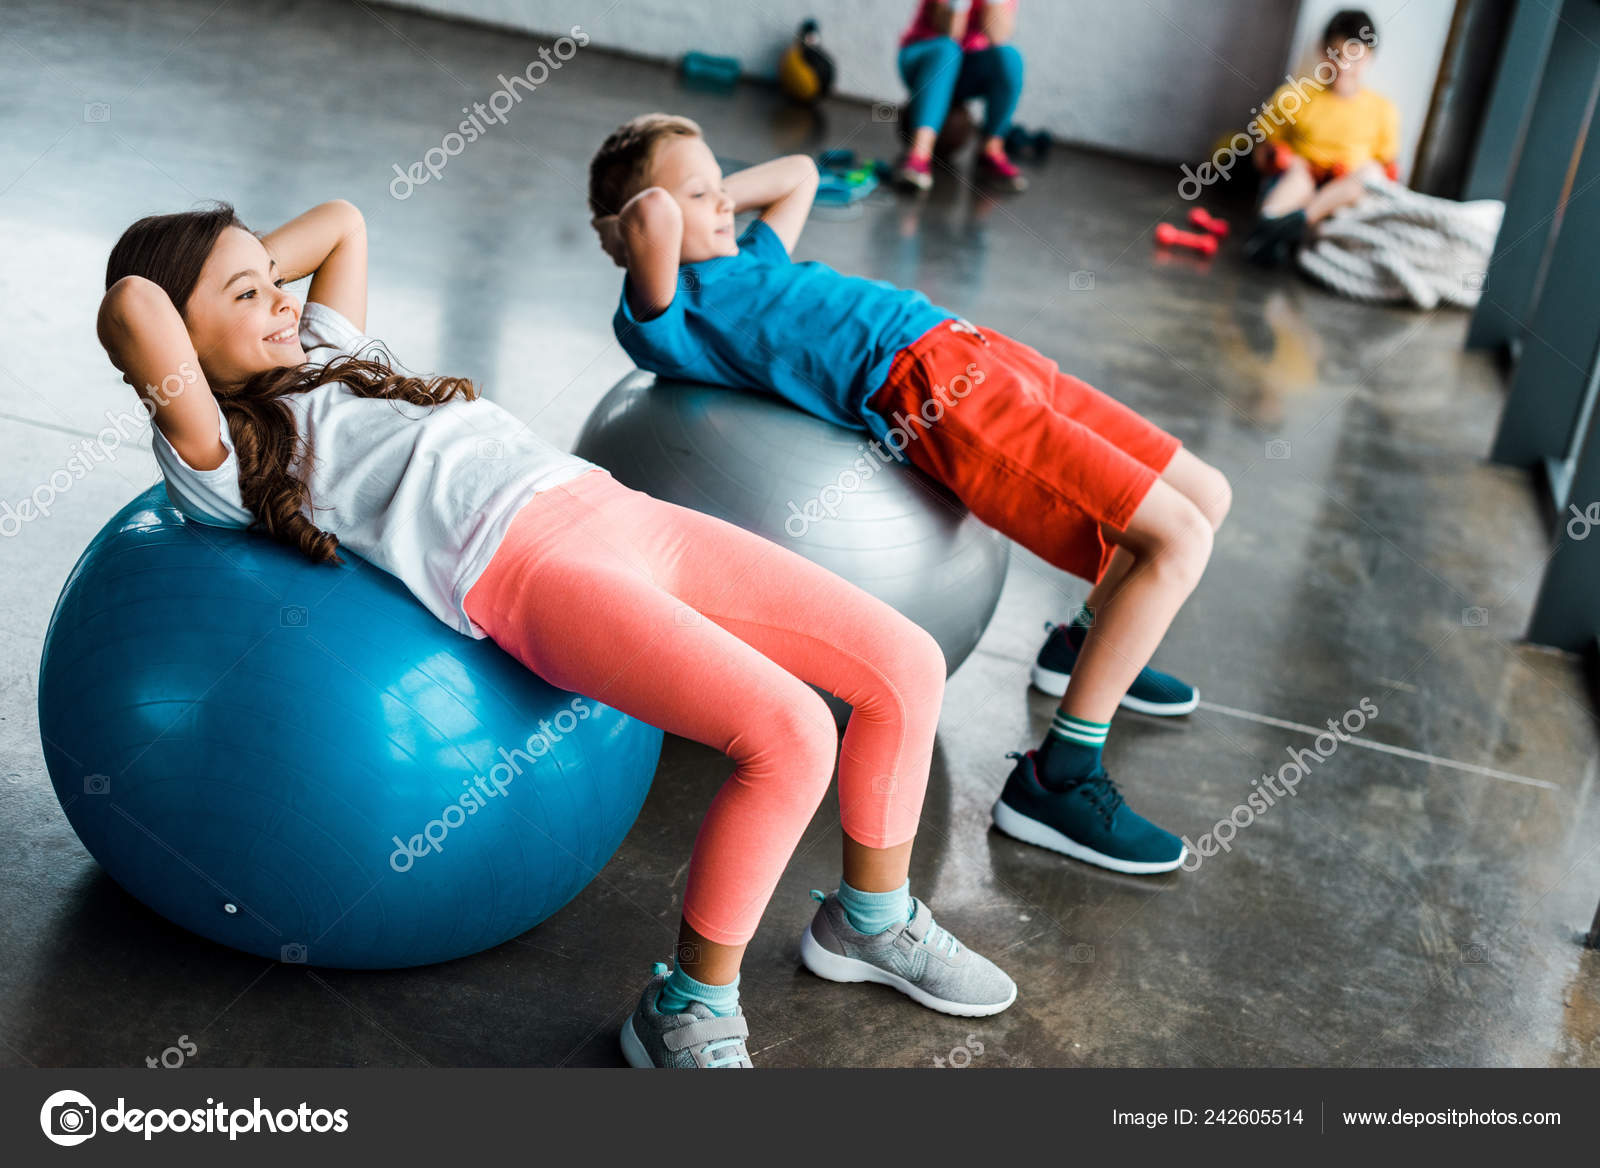 kinderen doen abs oefening met fitness ballen \u2014 stockfotoFitness Ballen #11